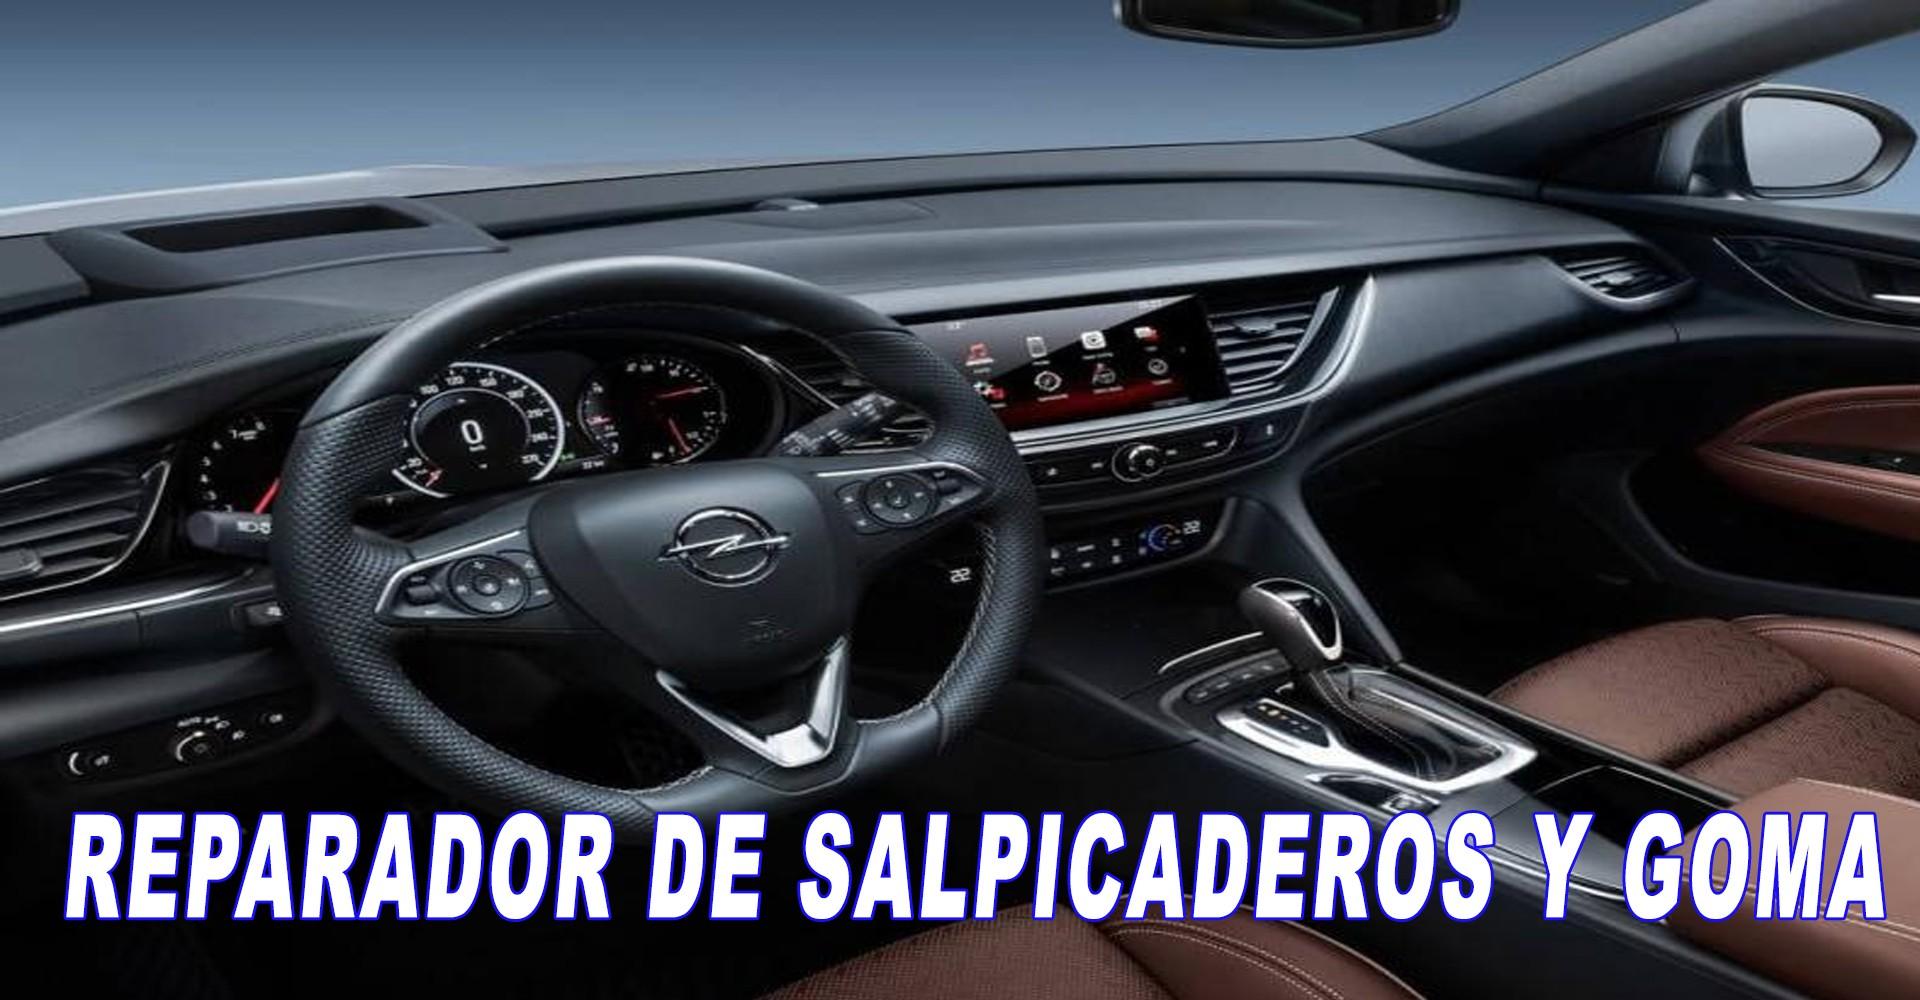 Como reparar el salpicadero del coche?  Como dejar nuevo el salpicadero del coche? Que producto puedo utilizar par repara el salpicadero del coche?